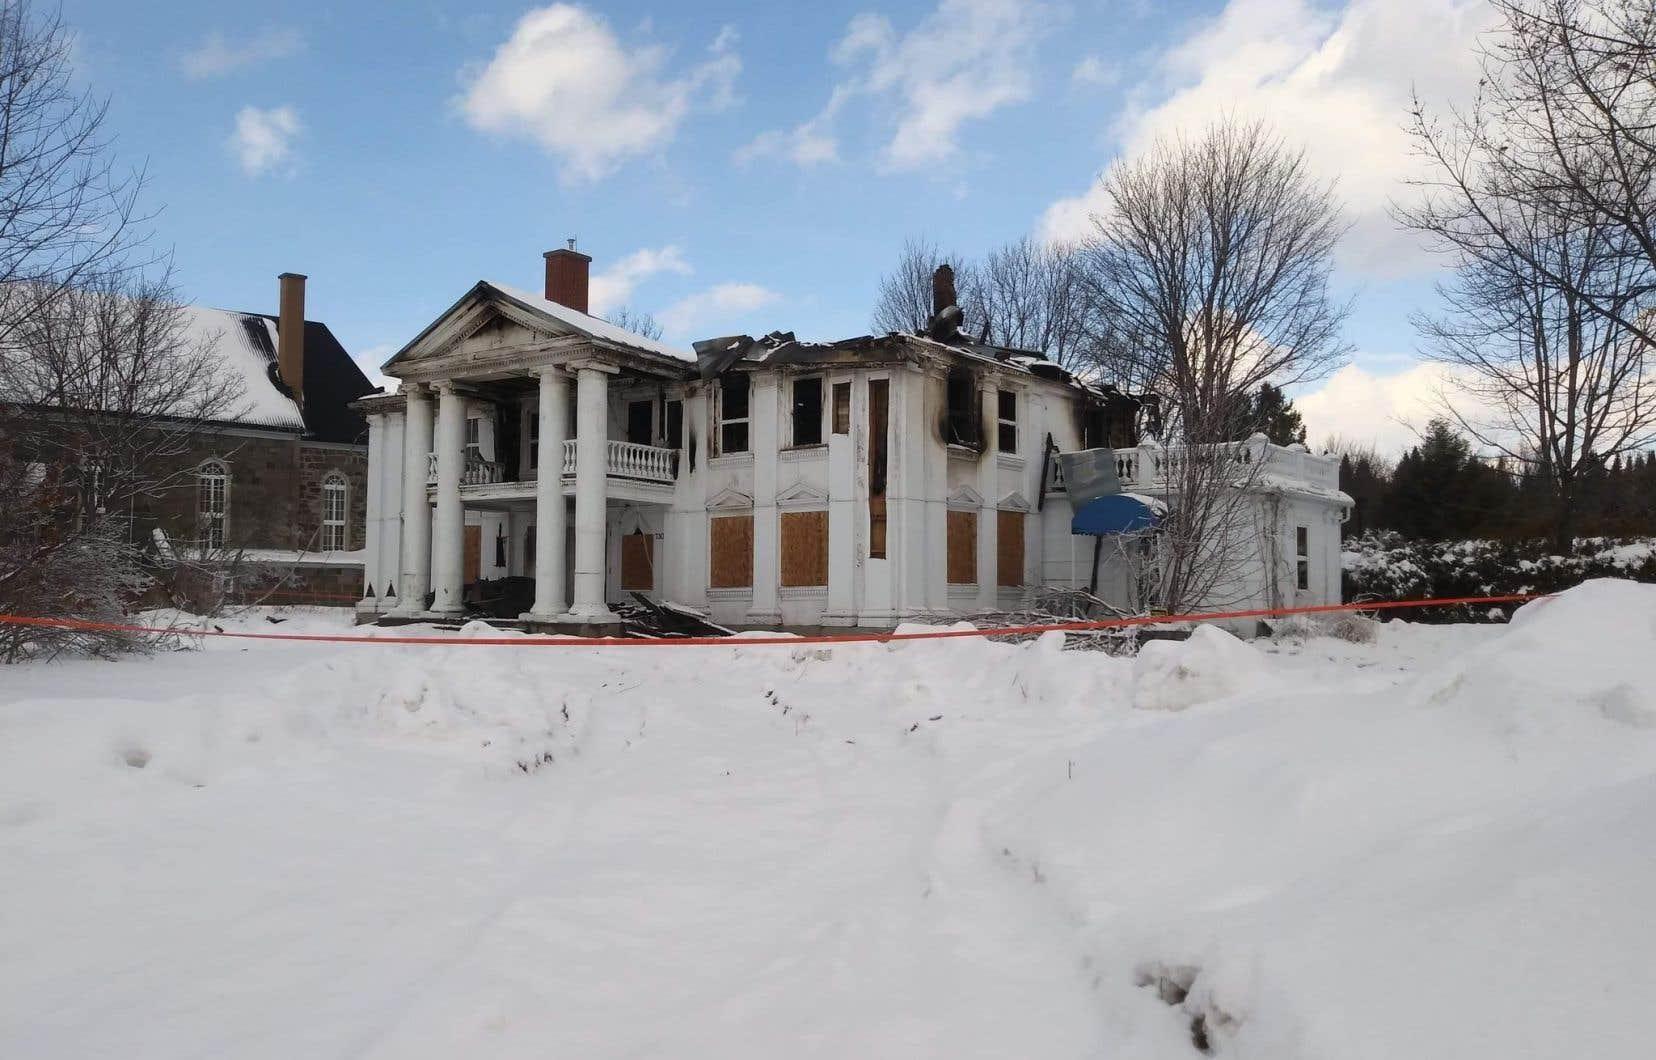 Bien que l'immeuble ait été classé depuis 1978 par l'État, le Manoir Taschereau a été laissé à l'abandon à la suite des inondations de Beauce au printemps 2019 avant d'être détruit par un incendie criminel la semaine dernière.